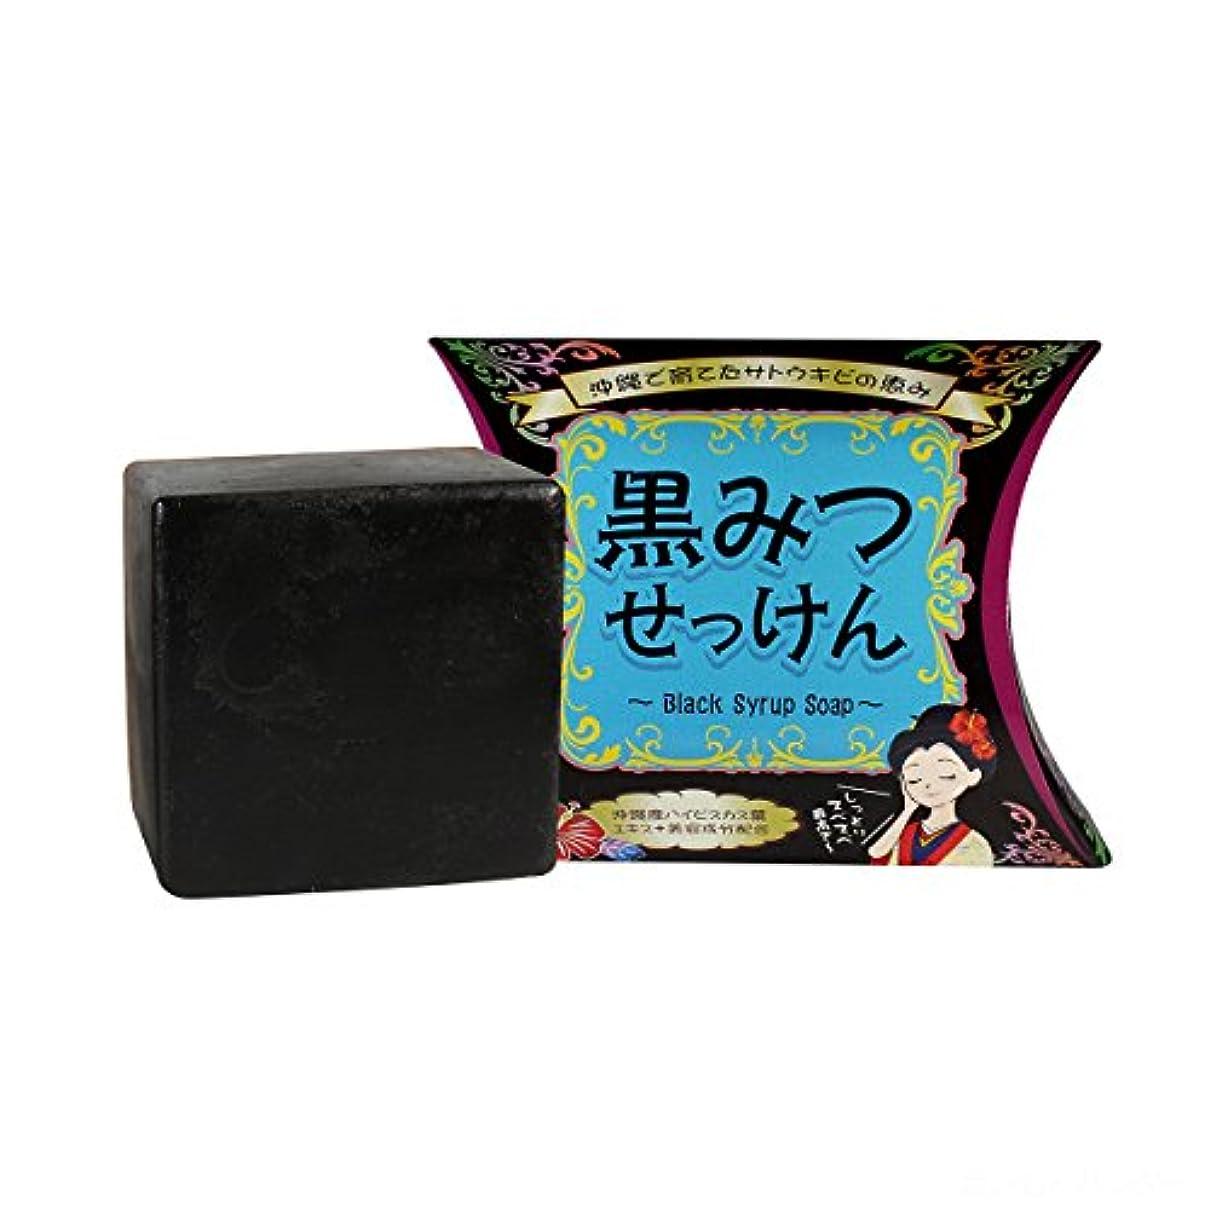 肥料バナー有益黒みつせっけん 80g×3個 パダーム 沖縄?波照間島の黒蜜使用 リピーター続出のお肌しっとりソープ